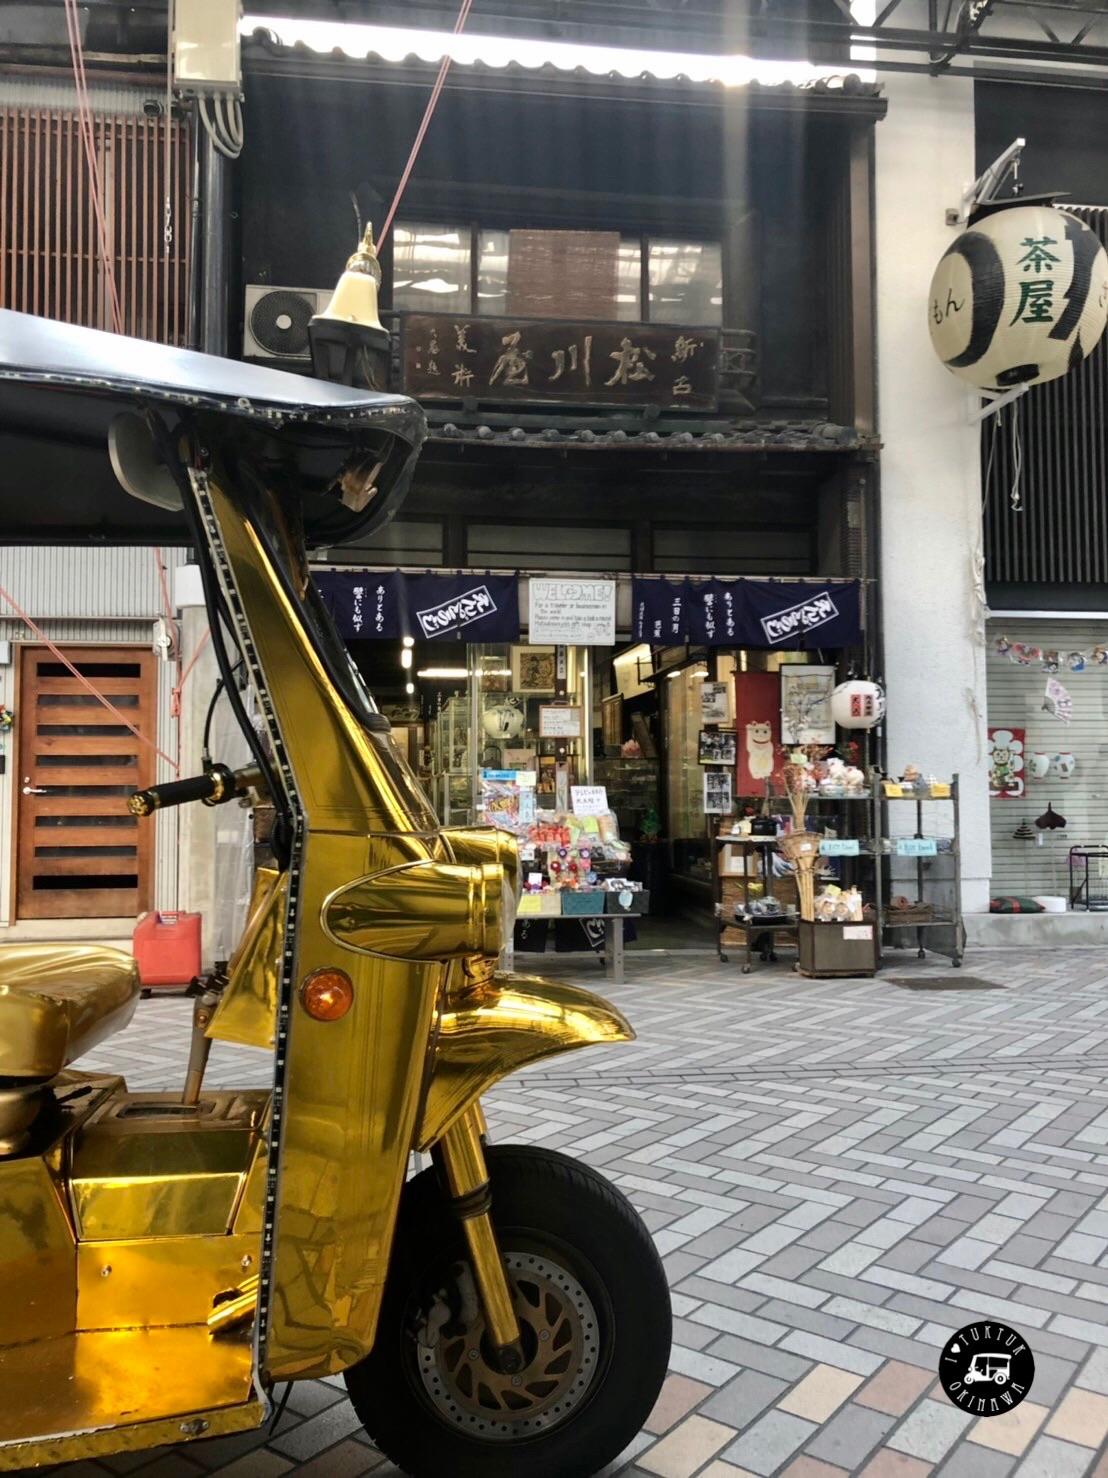 松川屋(お土産やおもちゃや和道具を扱う老舗)